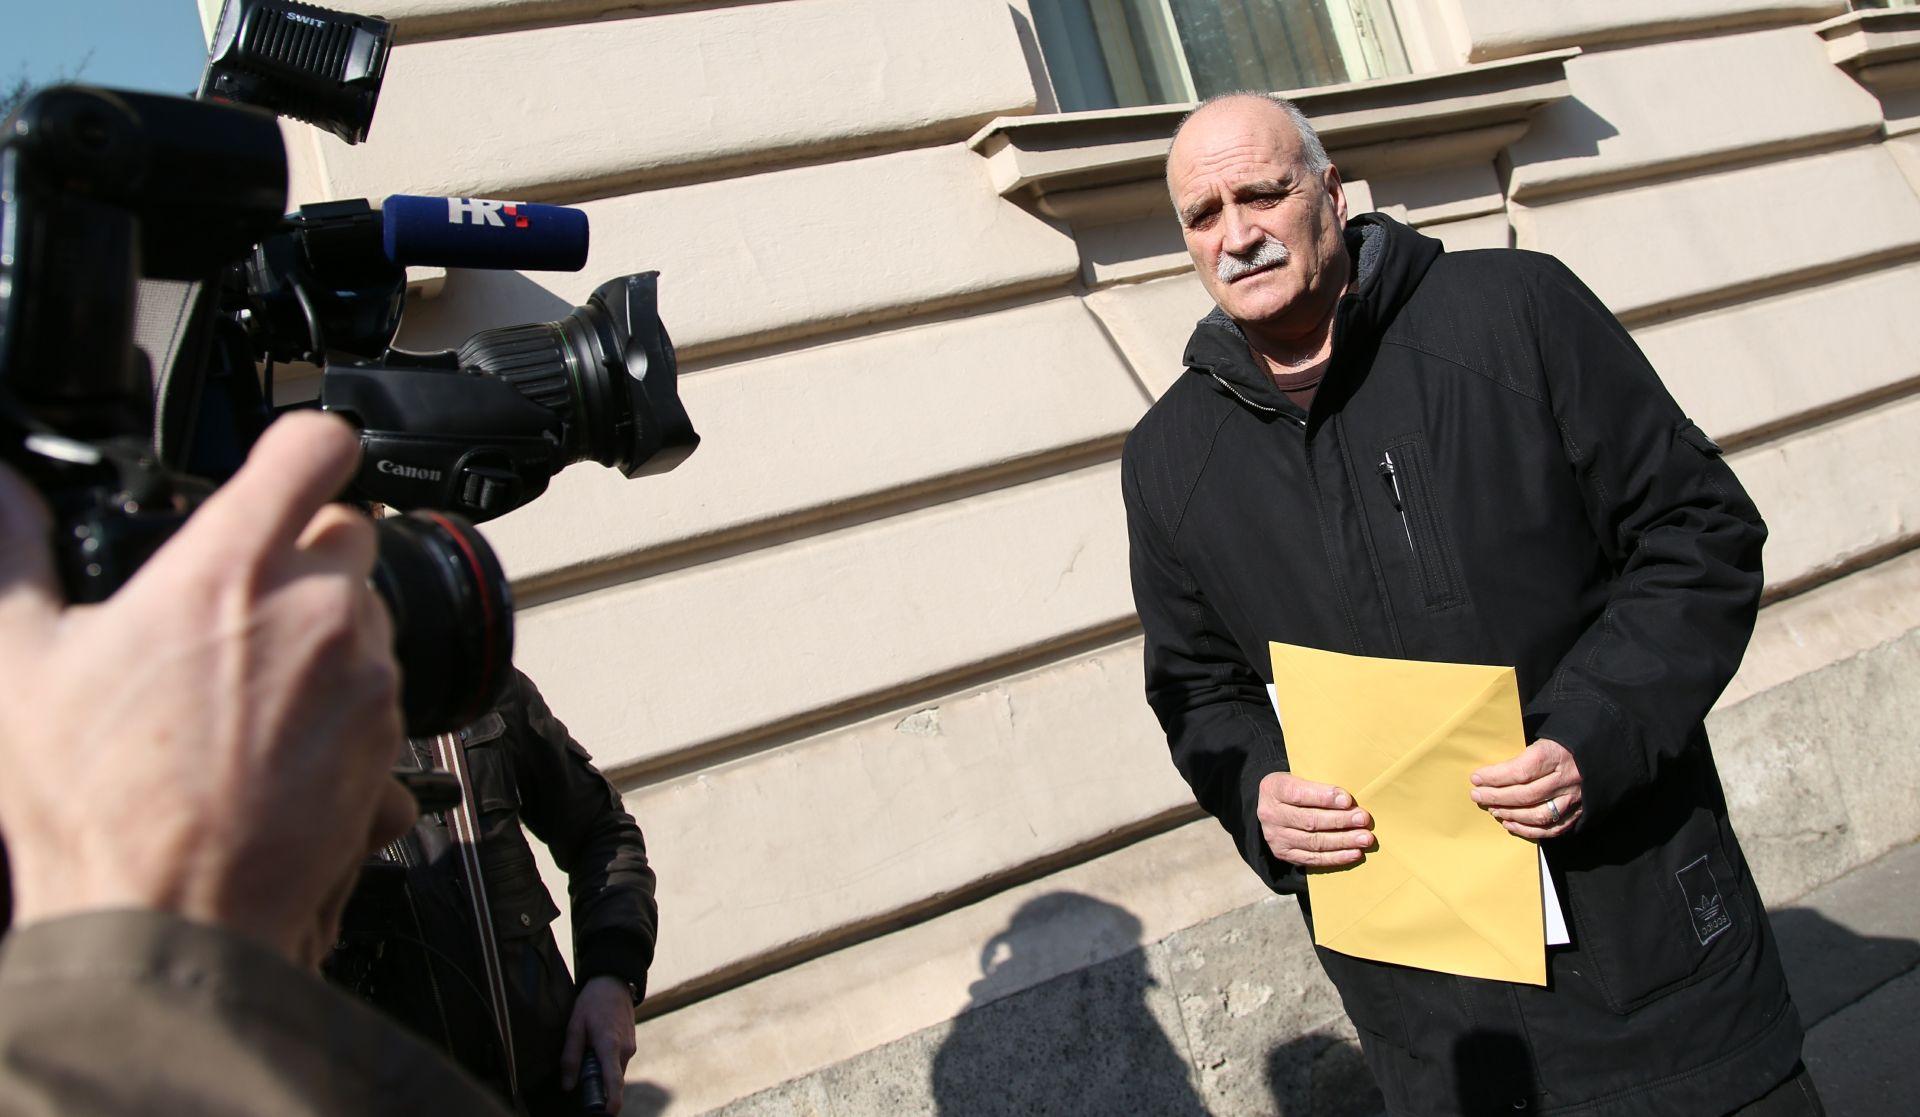 MALVERZACIJE U TLM-u? Matijašević predao kaznenu prijavu zbog sumnji